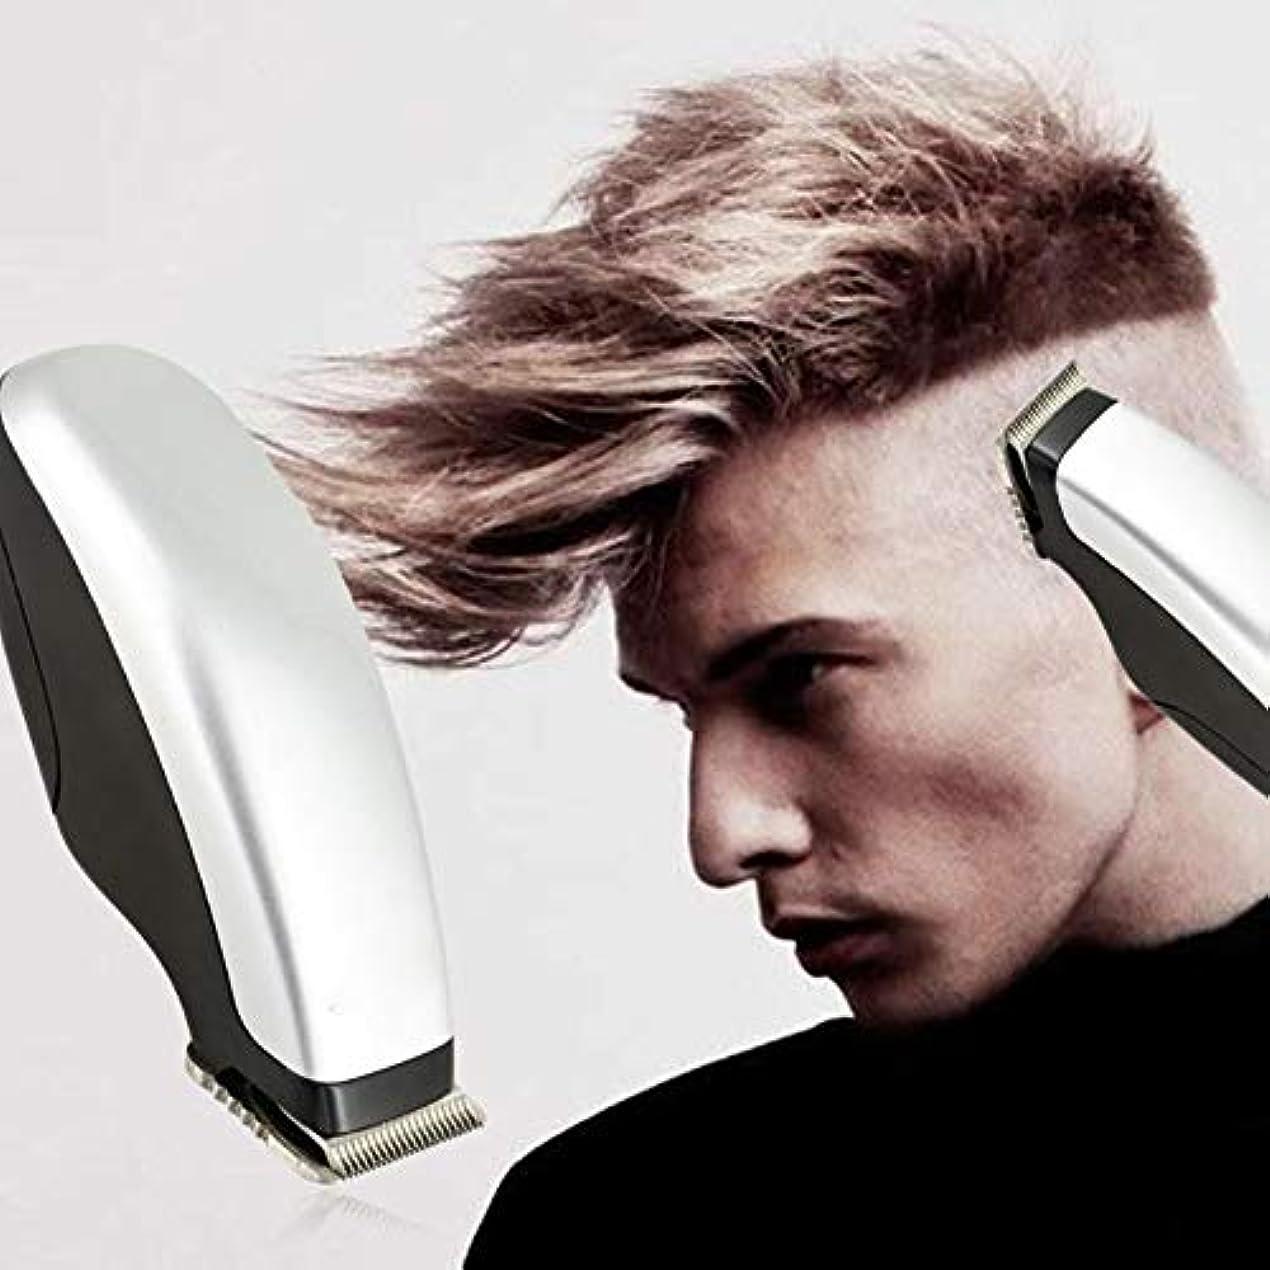 提案するあなたが良くなります自分のためにバリカン、男性ポータブルデザイン電動バリカンミニヘアトリマー切断機ひげ理髪用かみそり